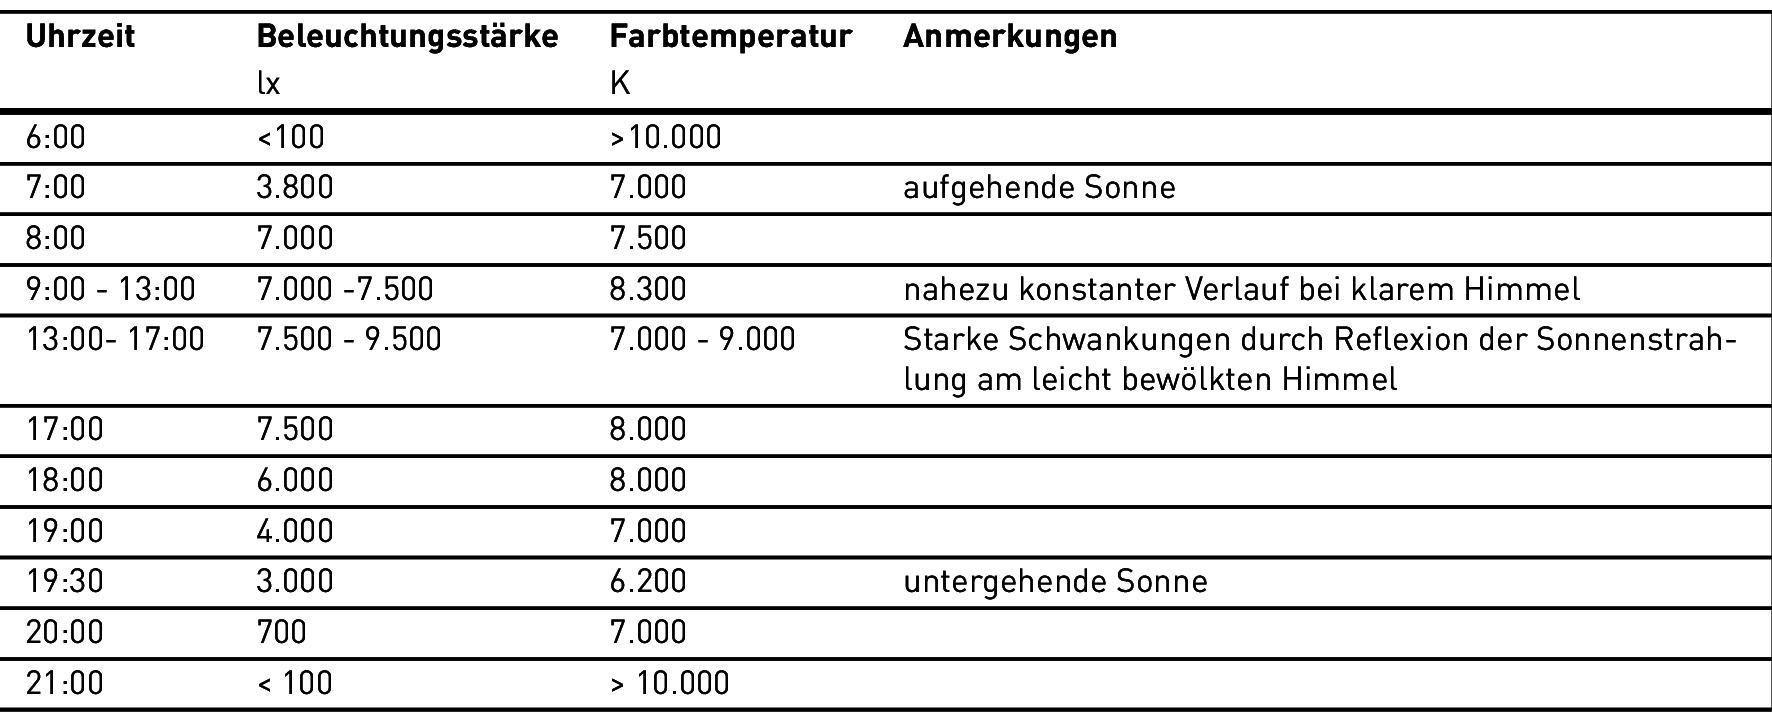 Farbtemperatur Tabelle helligkeitsunterschiede